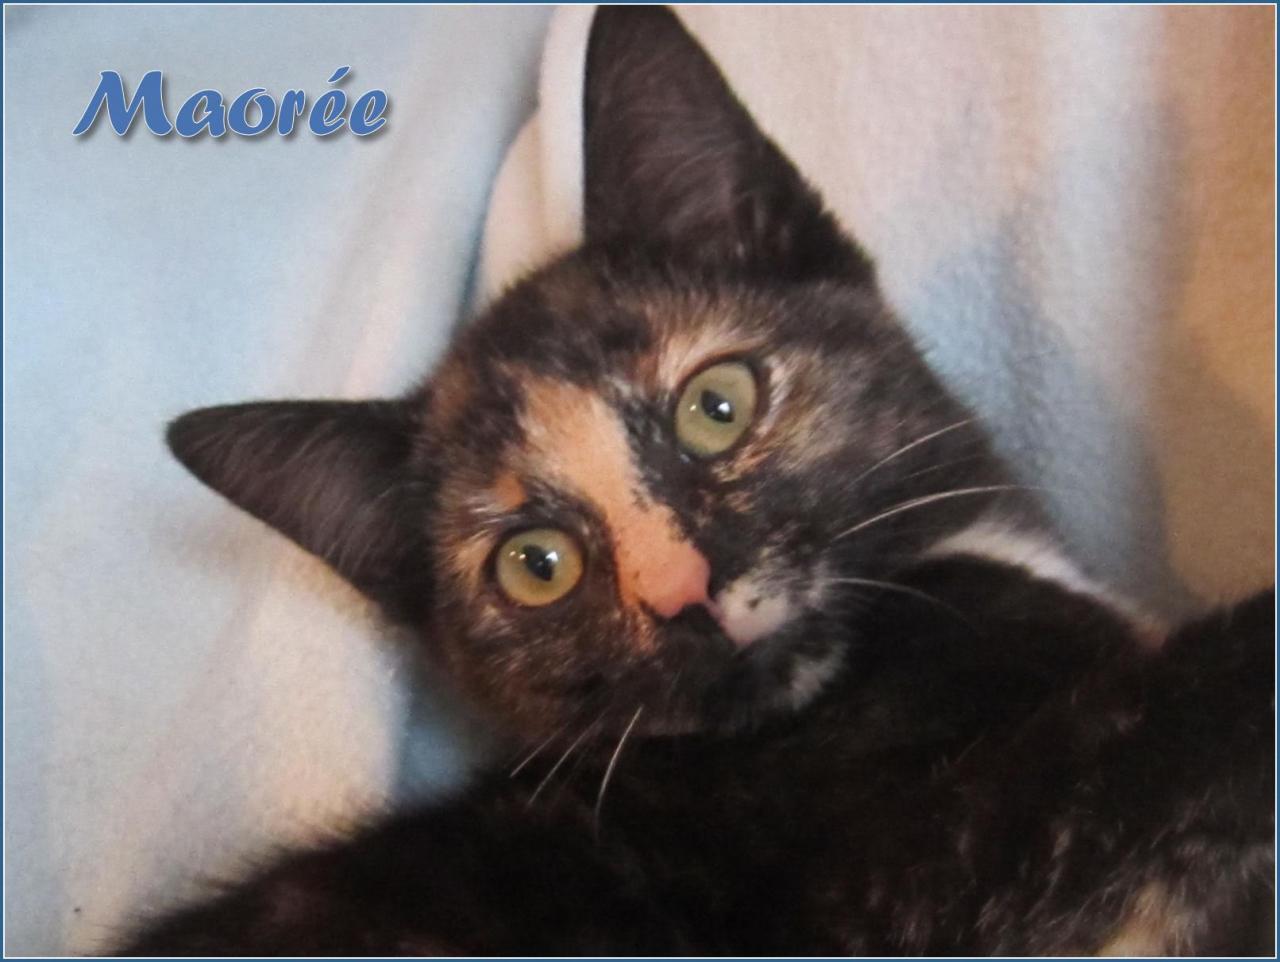 MAOREE - F - Née le 15/09/2016 - Adoptée en Février 2017